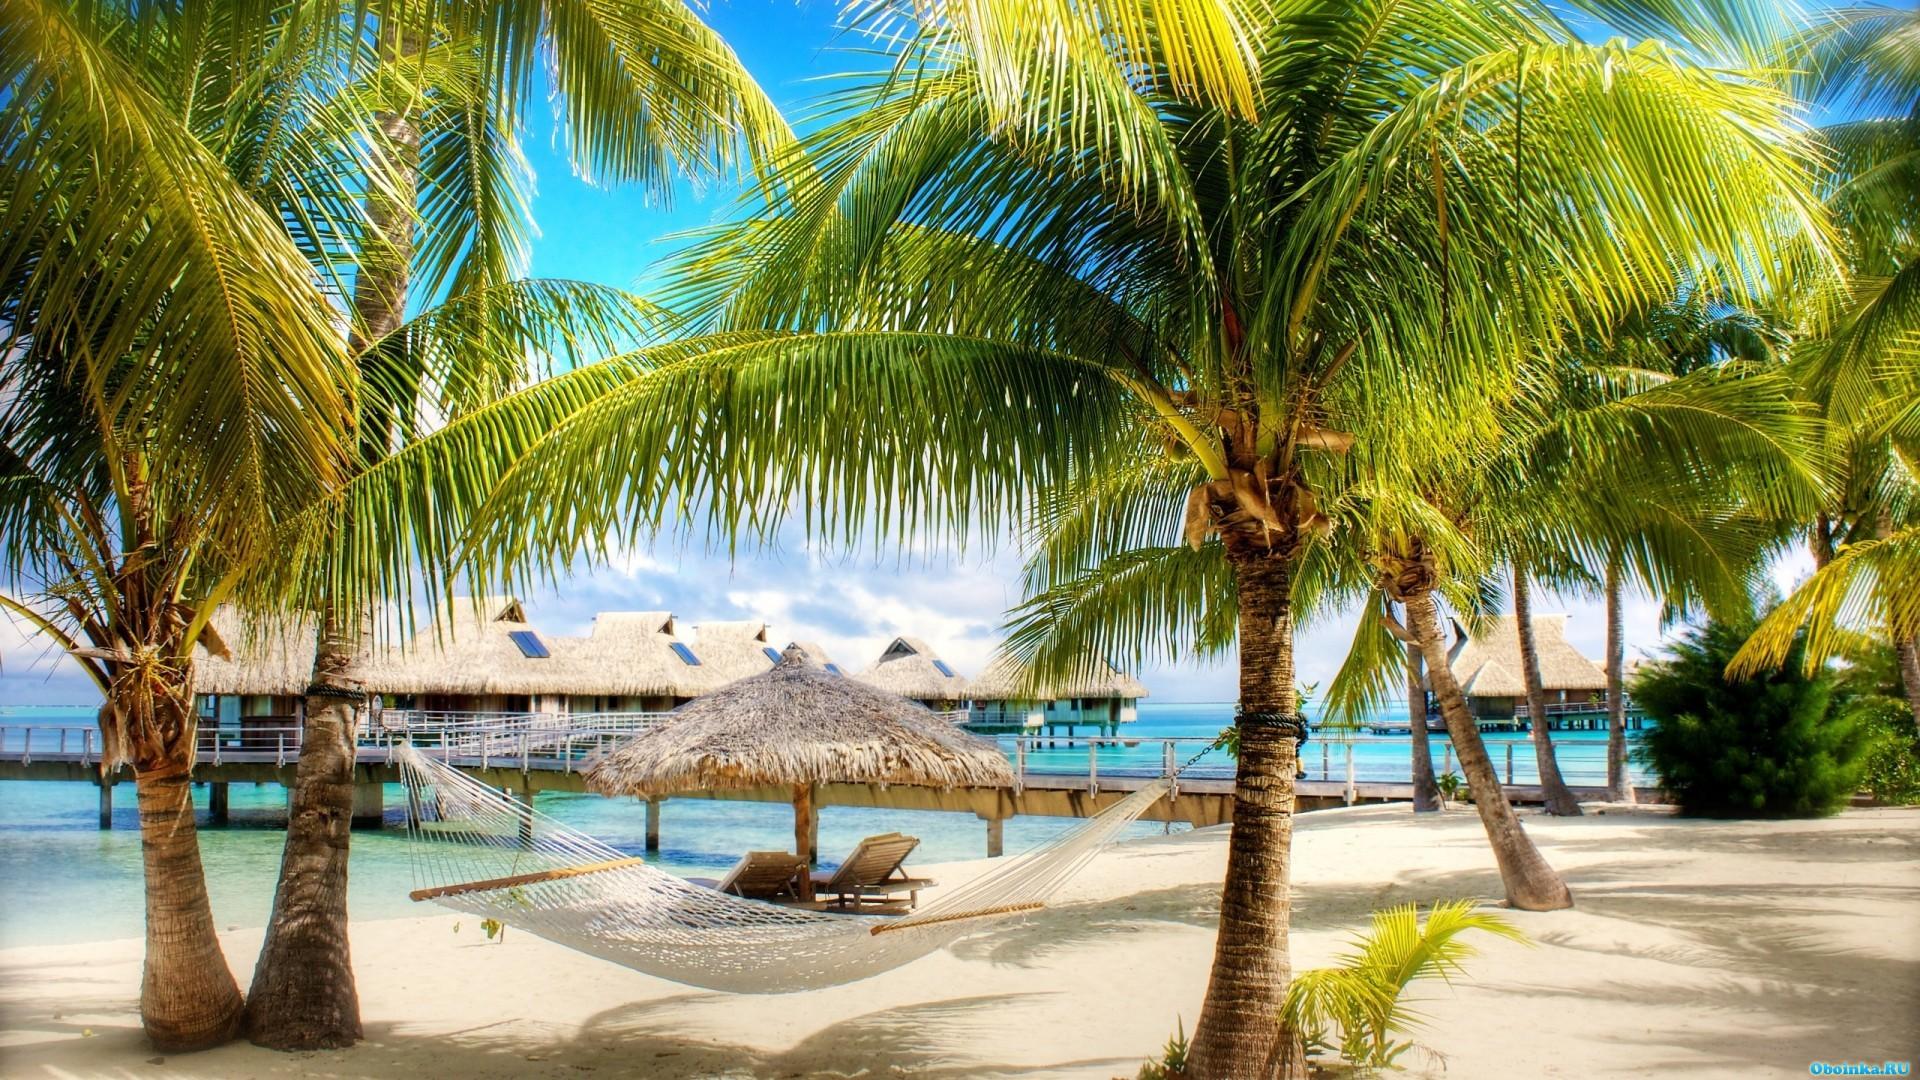 Тропический пляж с домиком обои скачать